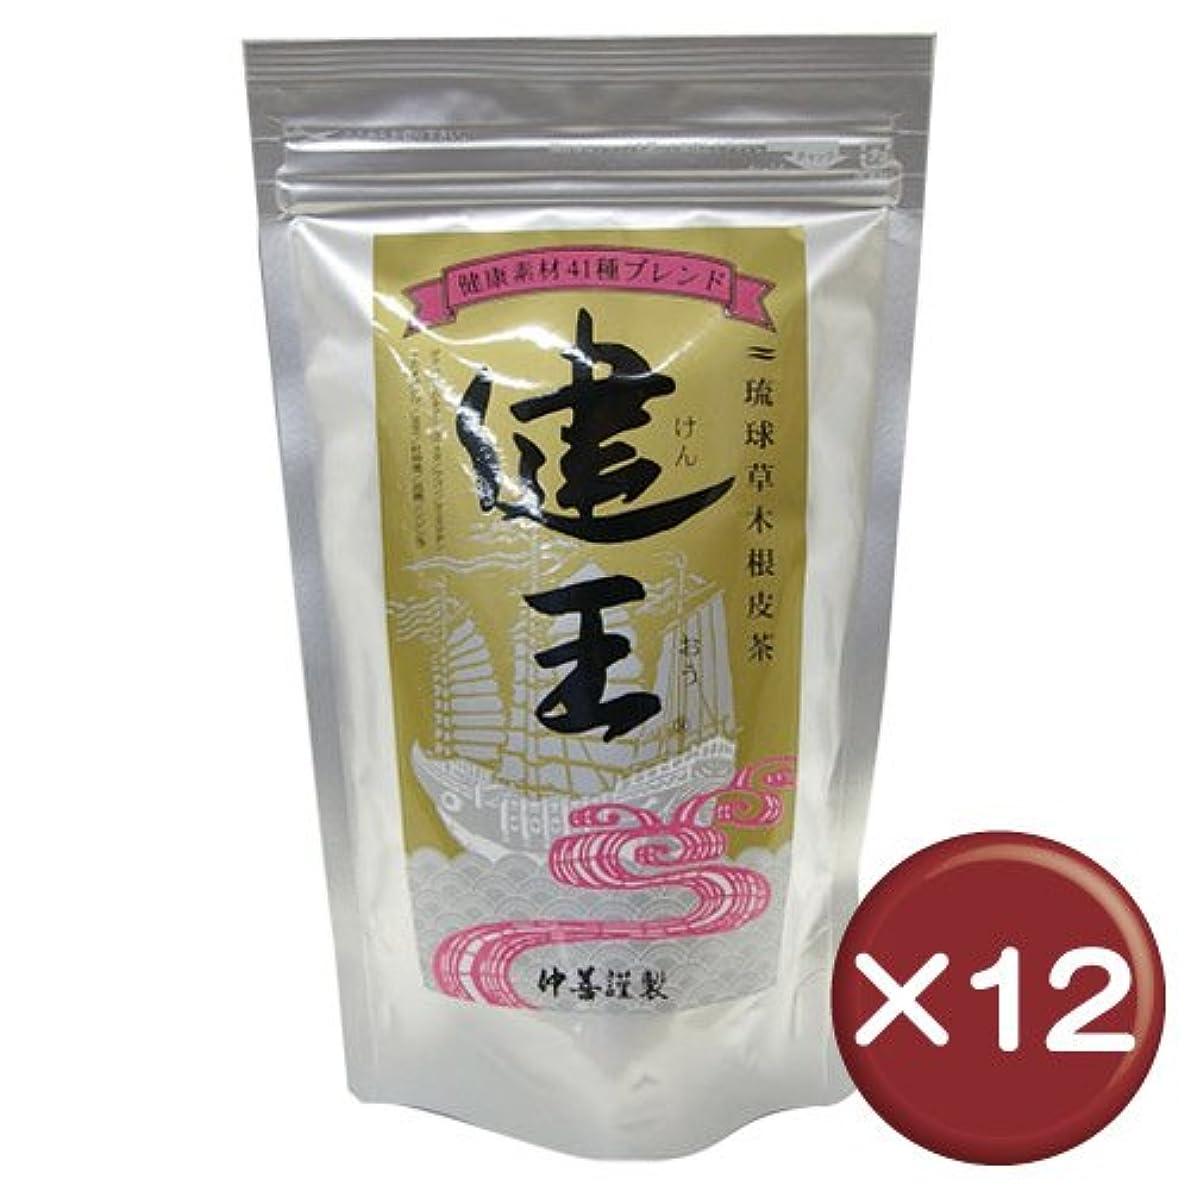 後方割り当て従事した琉球草木根皮茶 健王 ティーバッグ 2g×30包 12袋セット